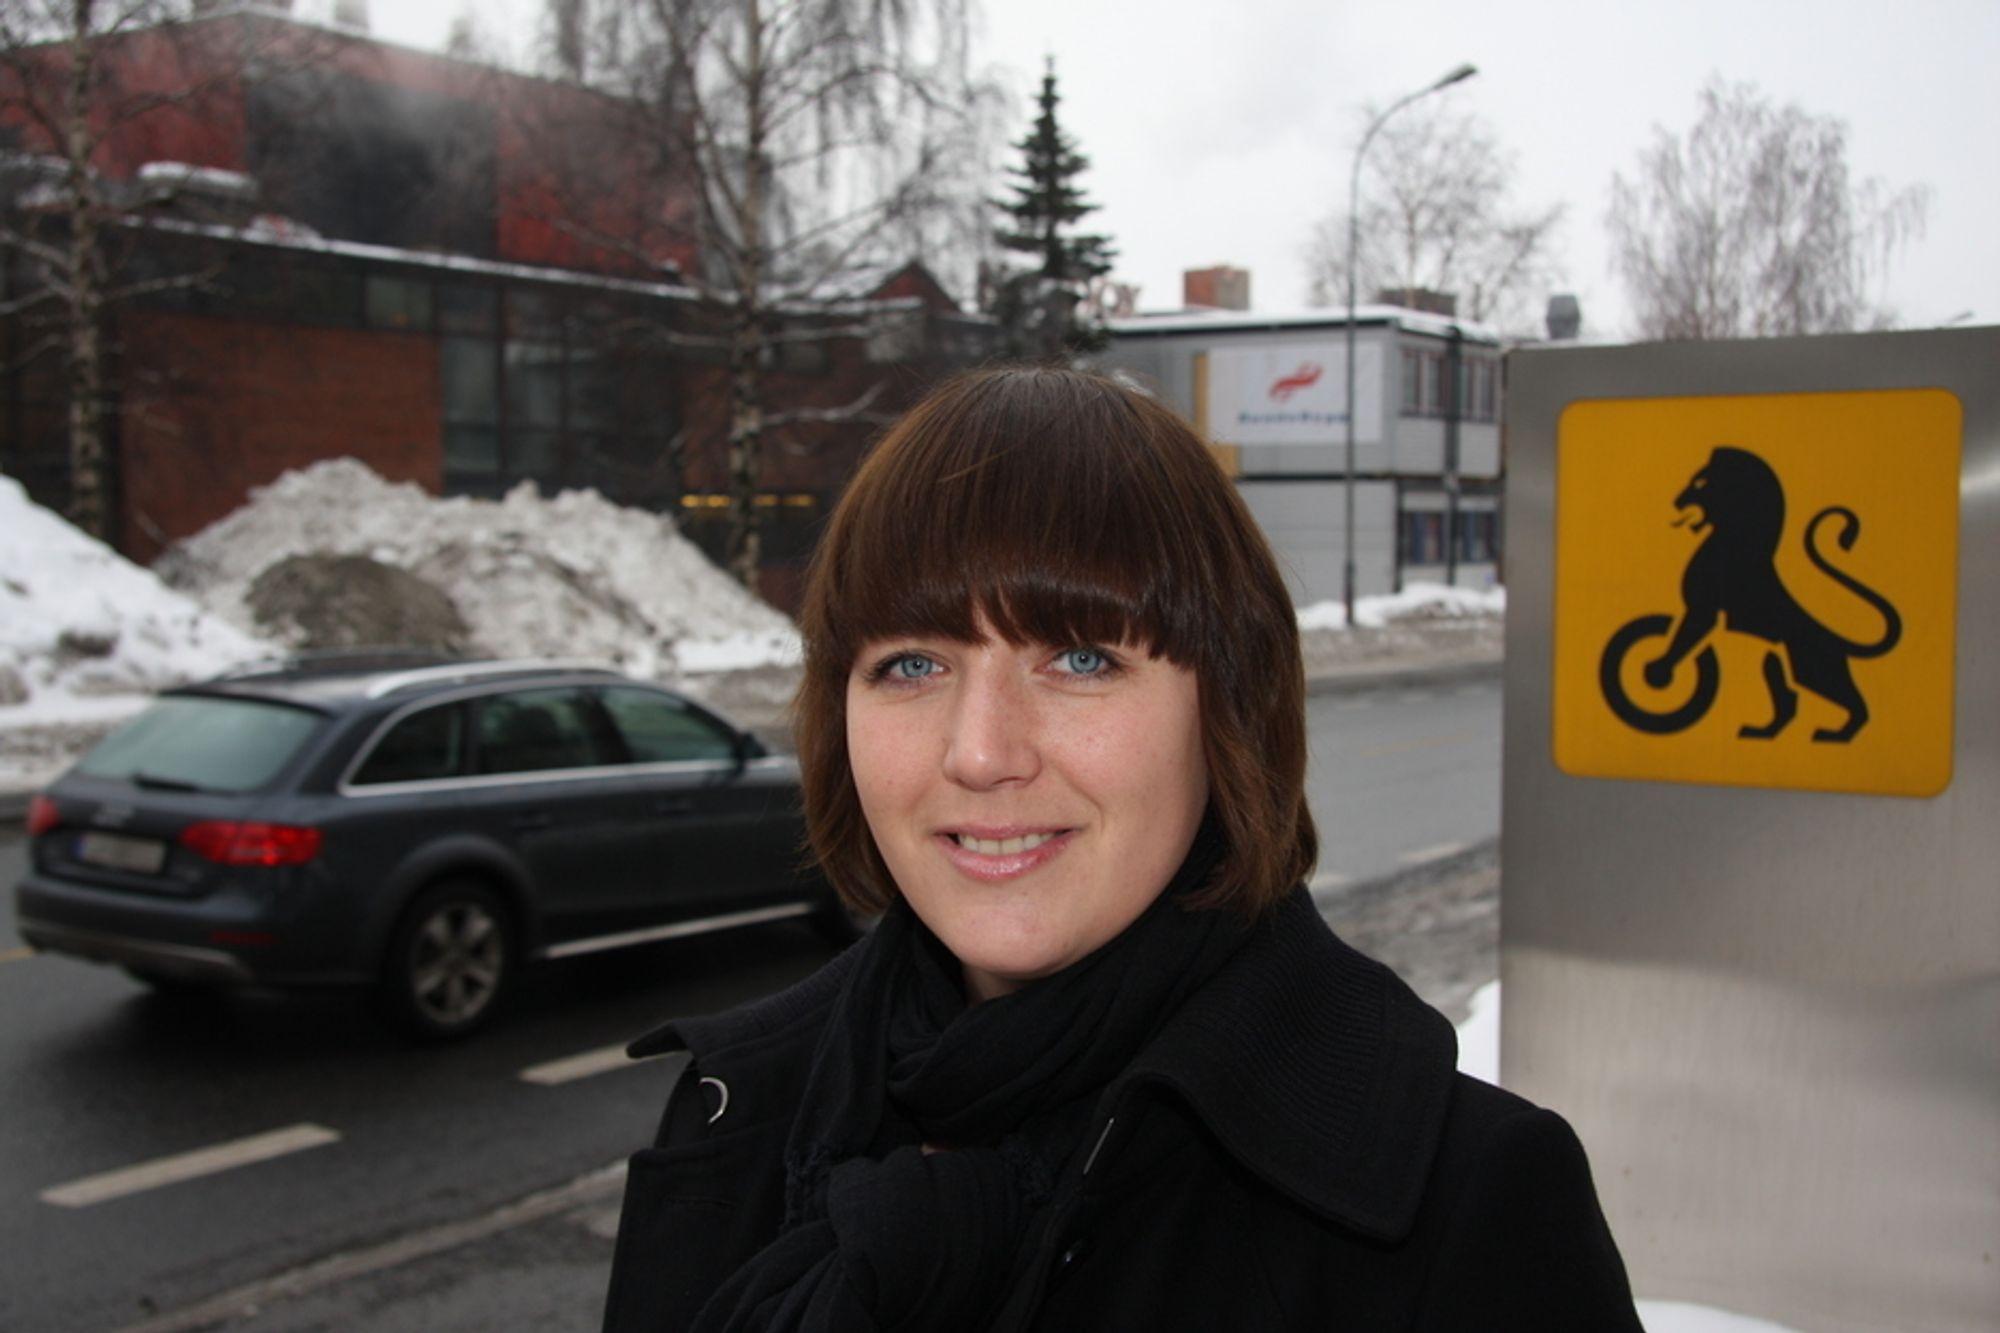 KREVER LAVERE BILAVGIFTER: I en ny rapport om norske bilavgifter, krever NAF at myndighetene reduserer avgiftene. - Det er ikke opplagt at en stor bil skal koste mye mer enn en liten, sier Christina Bu i NAF.